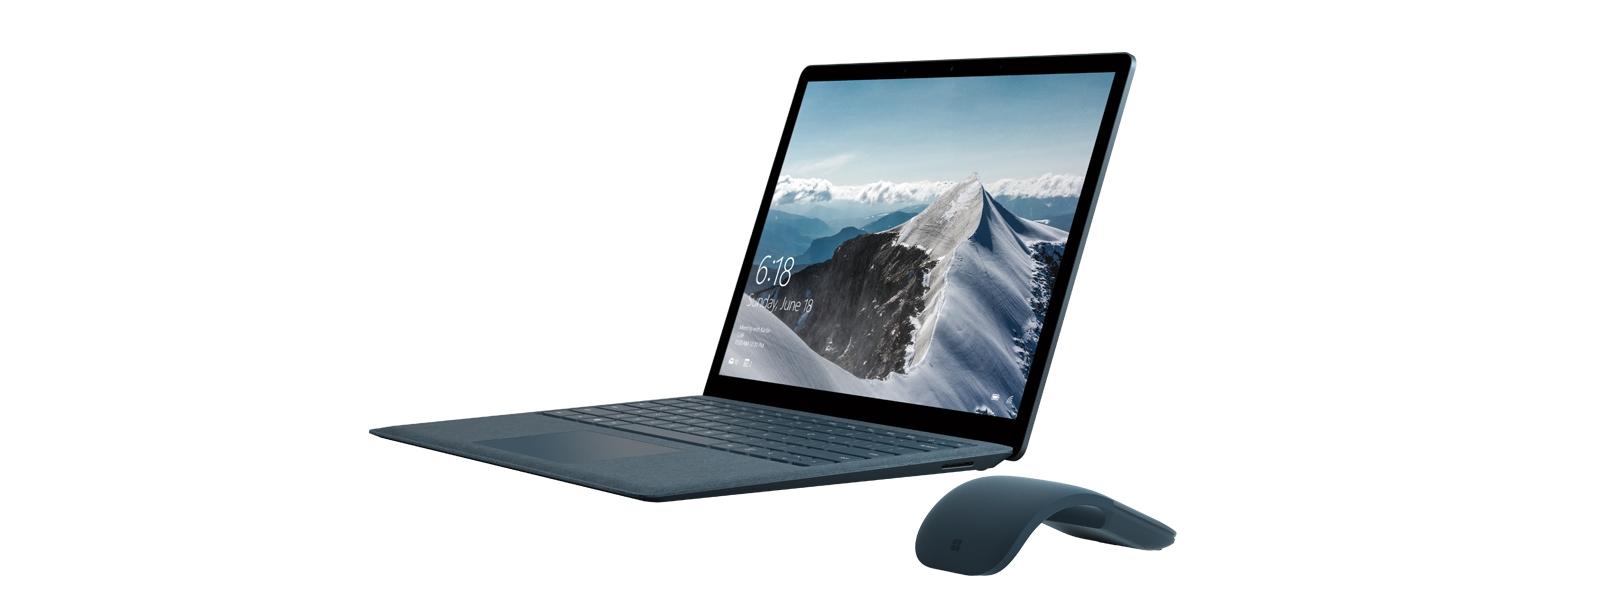 鈷藍色 Surface Laptop 斜放著,螢幕顯示雪白山脈背景,旁邊放著鈷藍色 Microsoft Arc Touch 滑鼠。